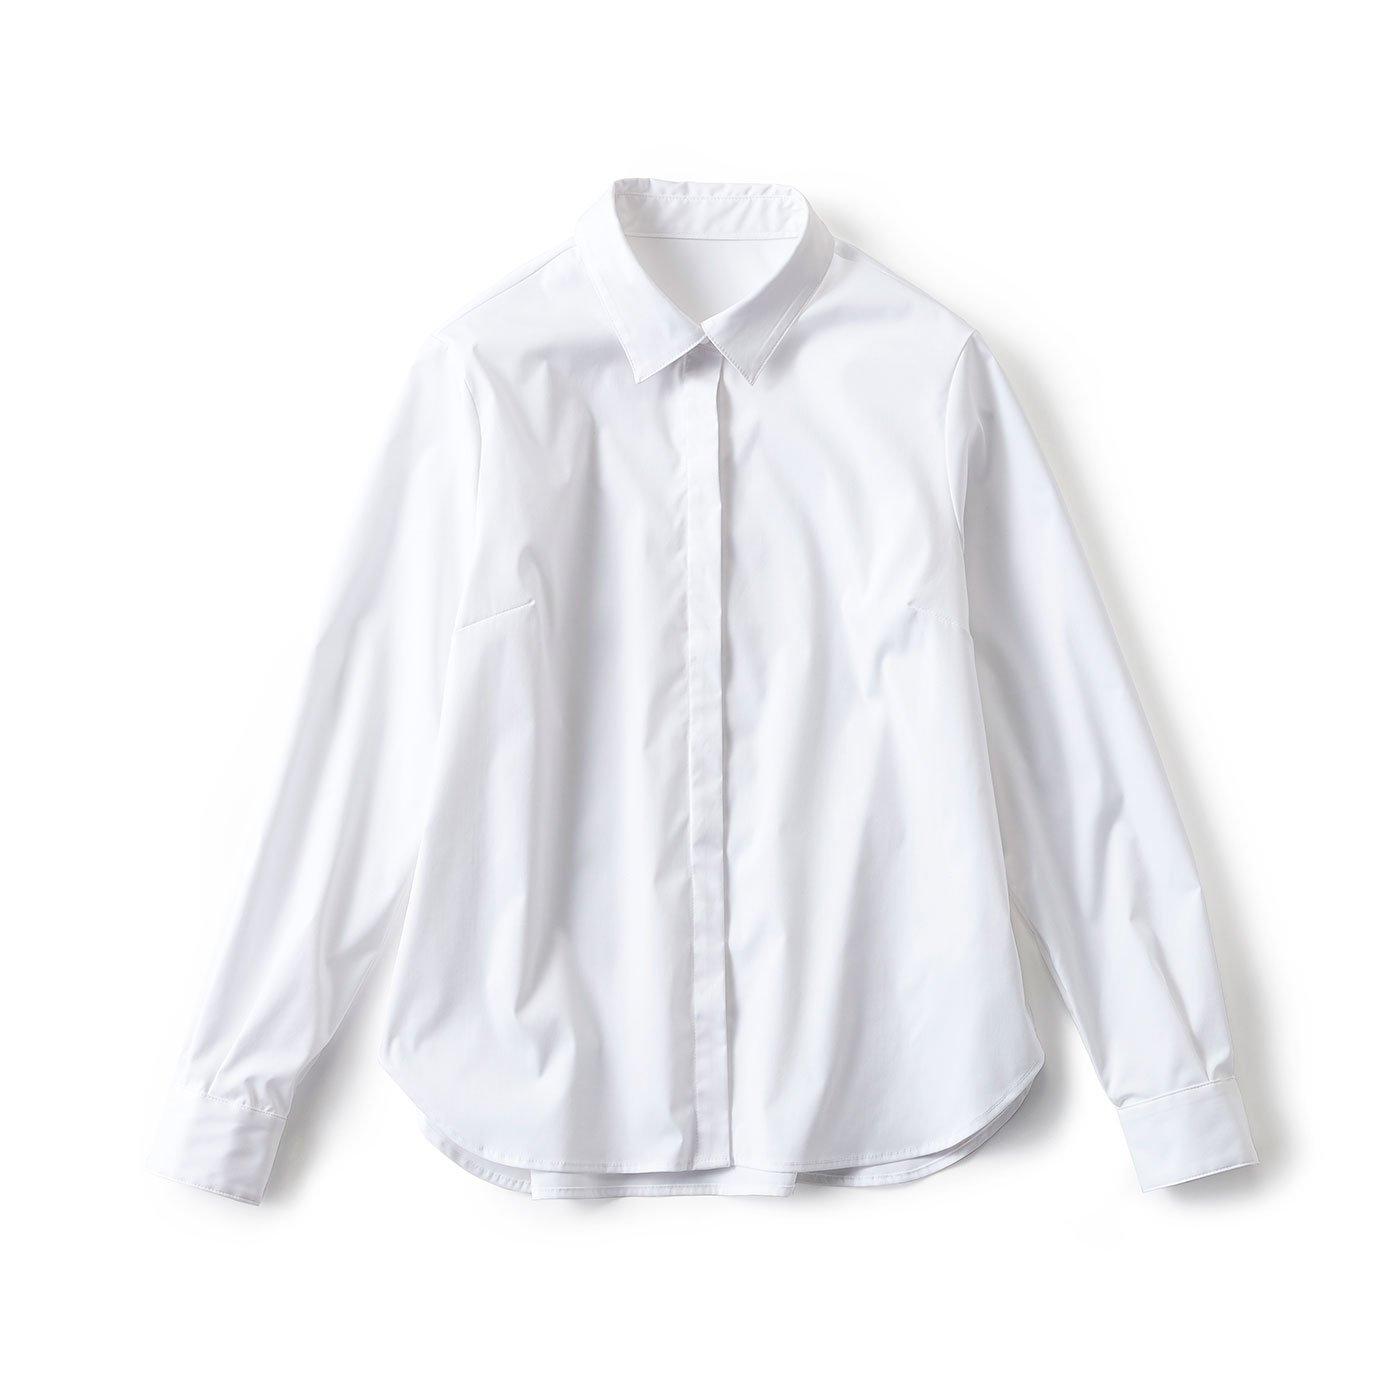 LX 大人女性の今が輝く 理想の白シャツ